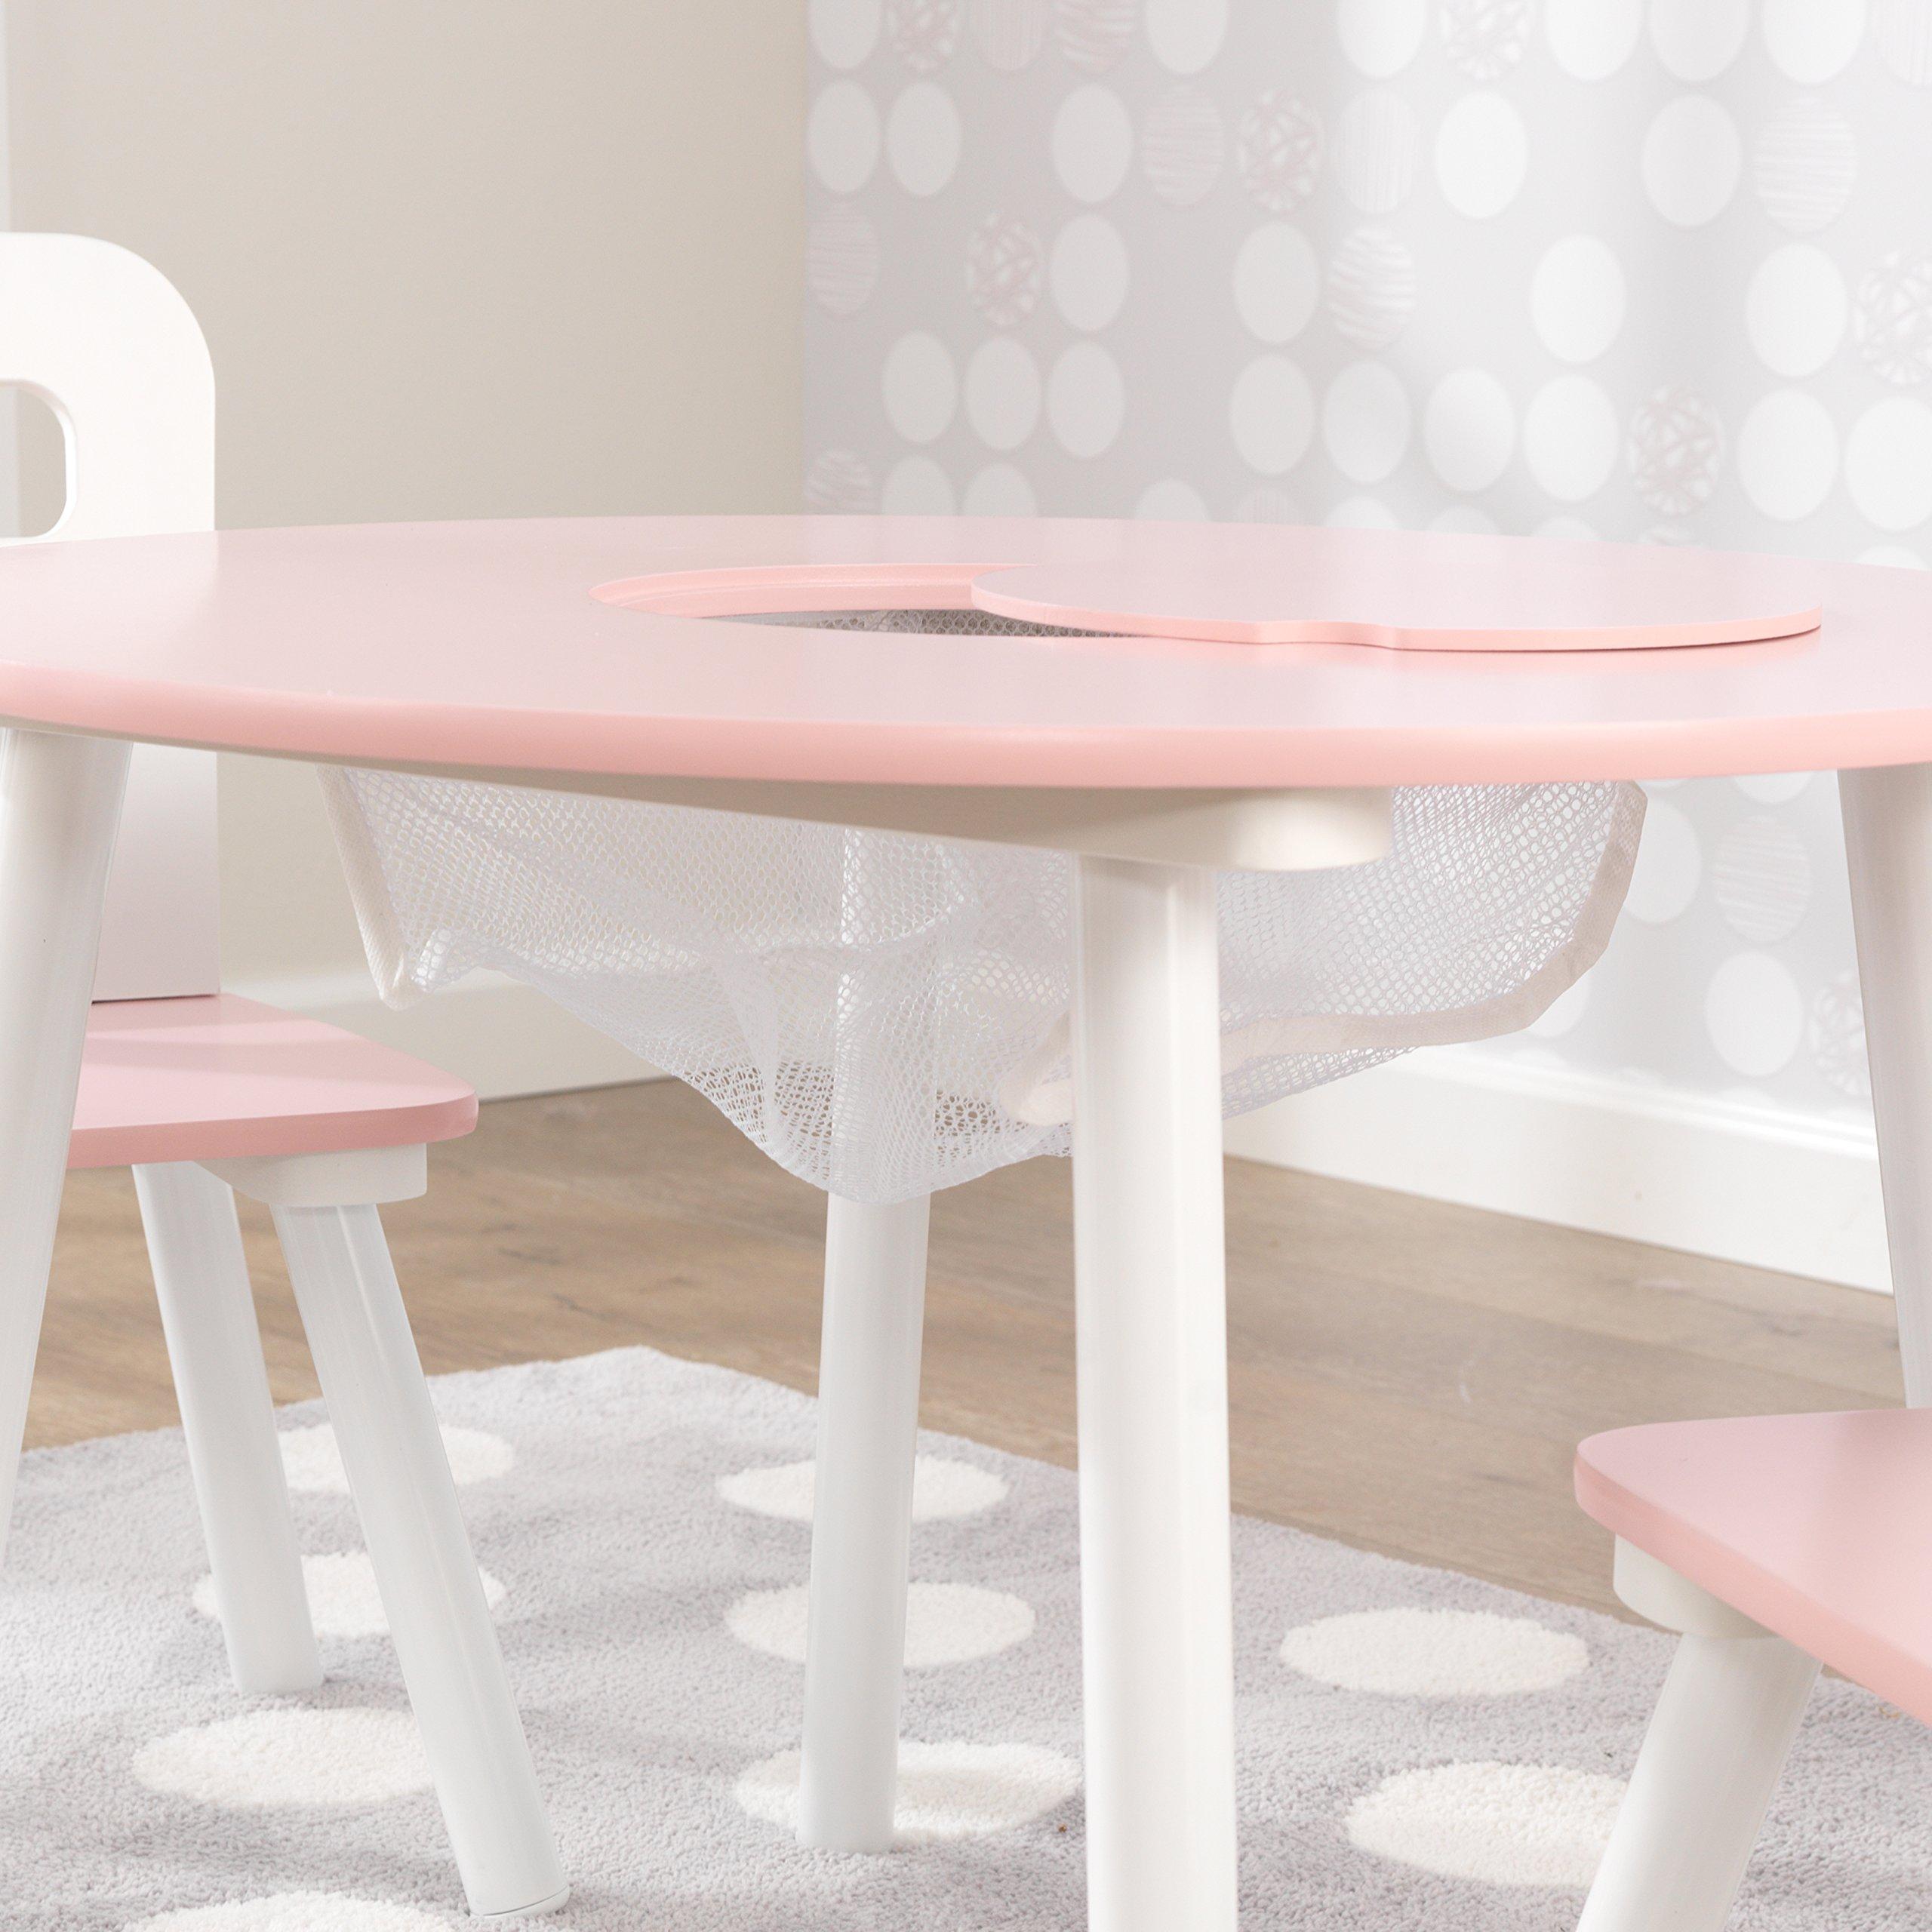 KidKraft 26165 Set Tavolo Rotondo con 2 Sedie in Legno, Mobili per Camera  da Letto e Sala Giochi per Bambini - Rosa e Bianco